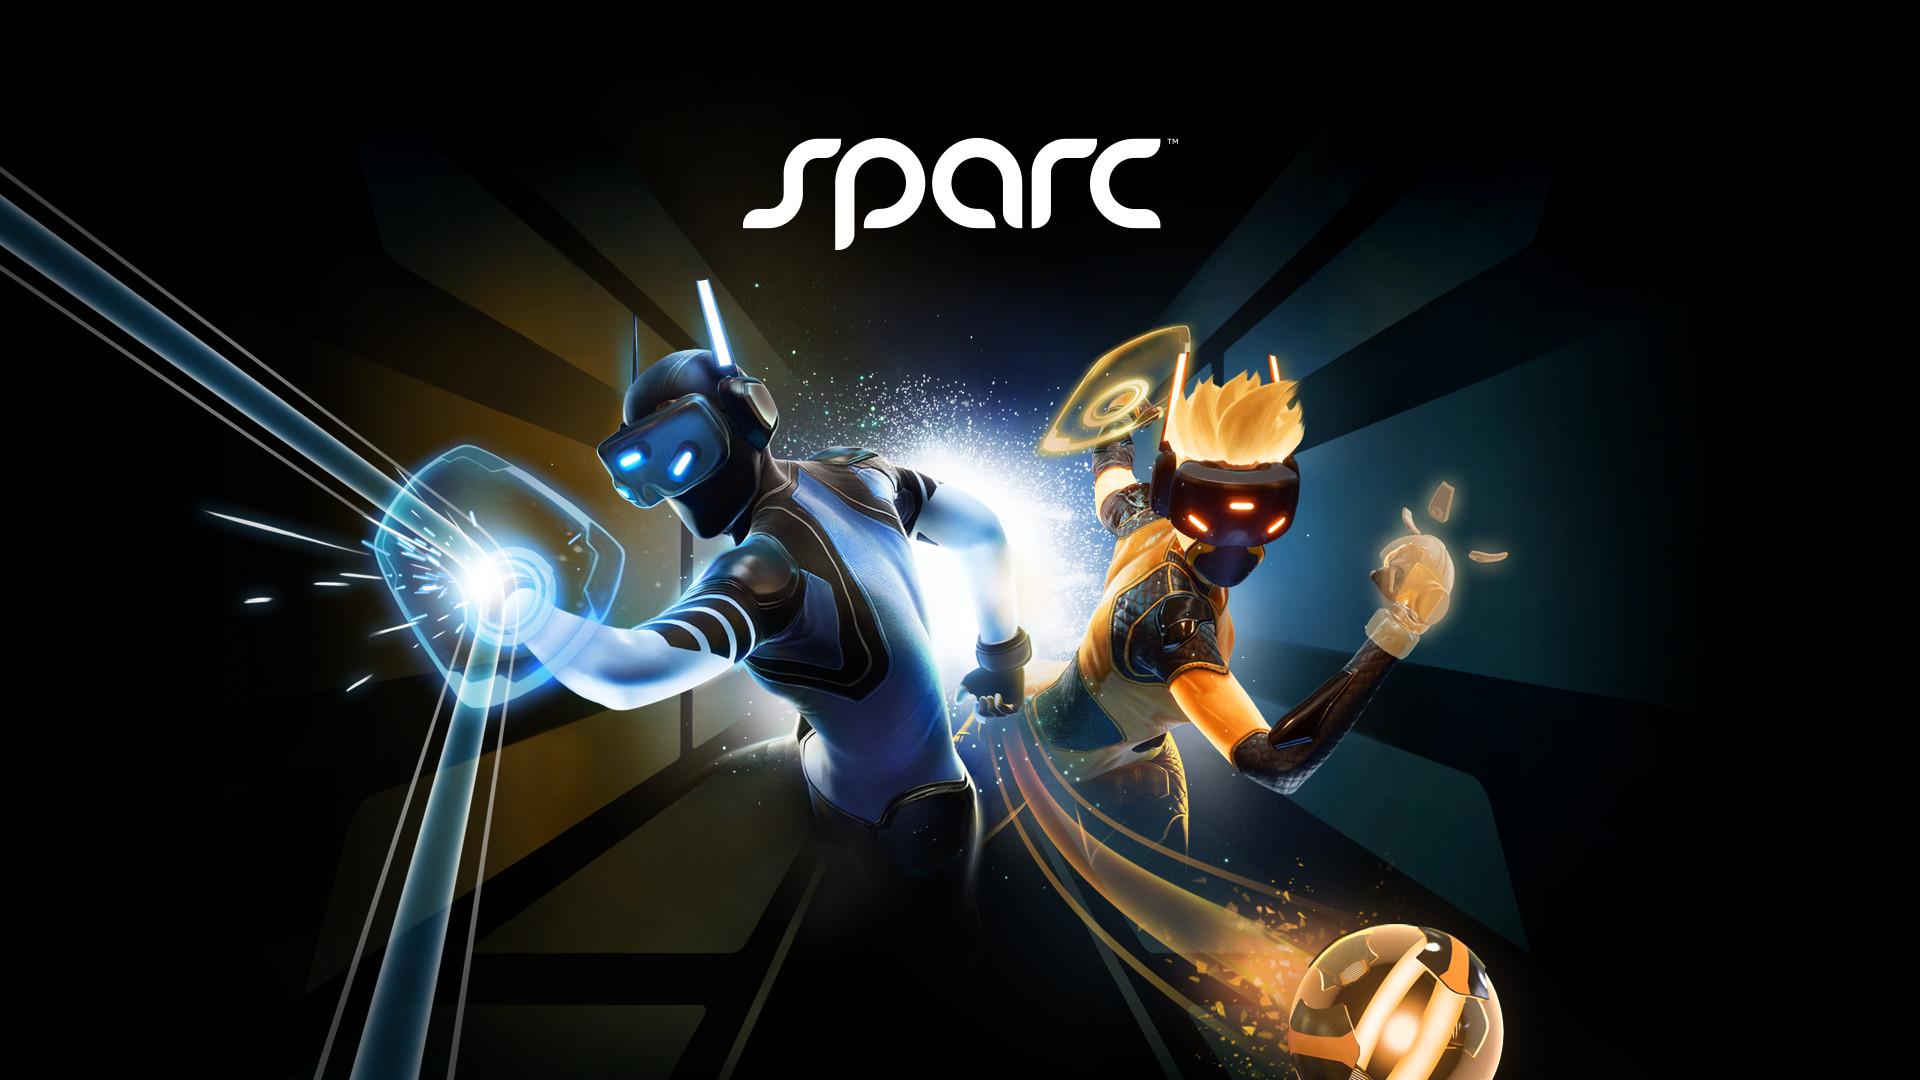 Sparc: Ab heute auch für Oculus Rift und HTC Vive erhältlich